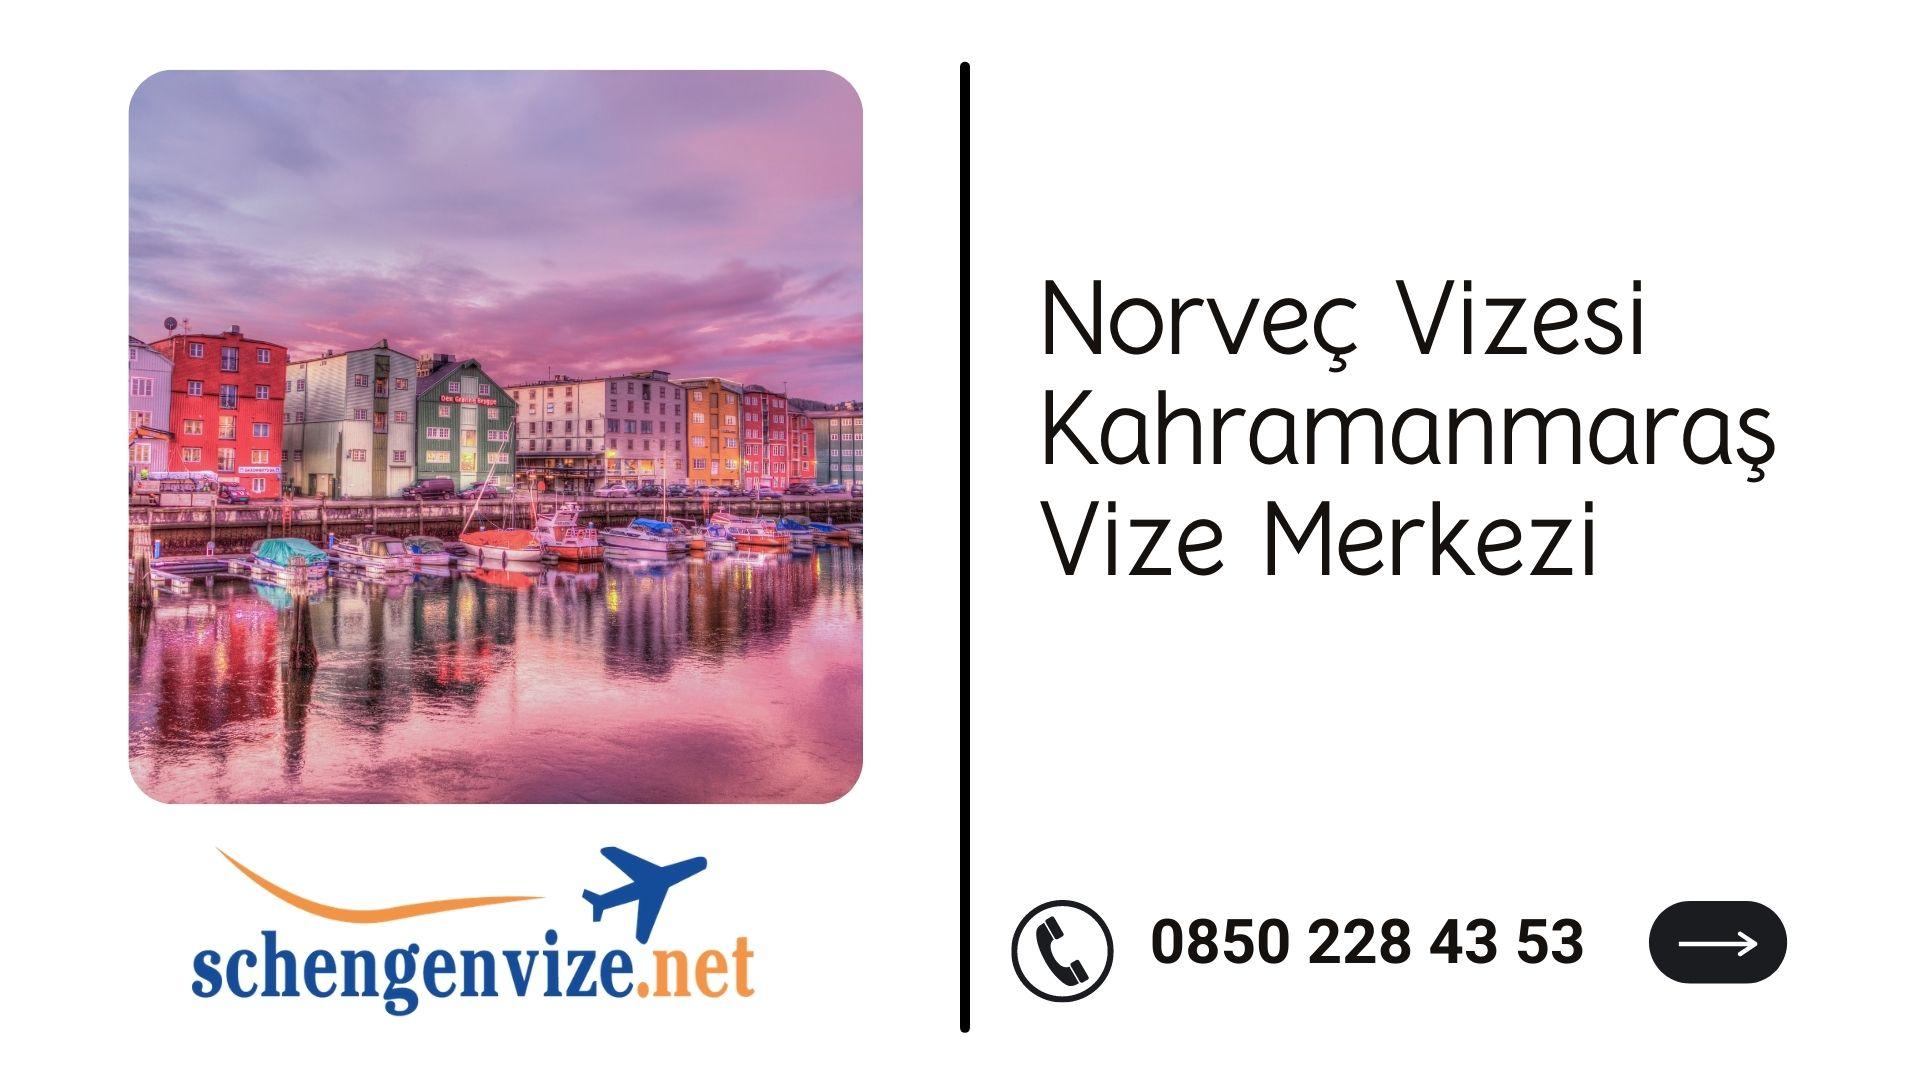 Norveç Vizesi Kahramanmaraş Vize Merkezi